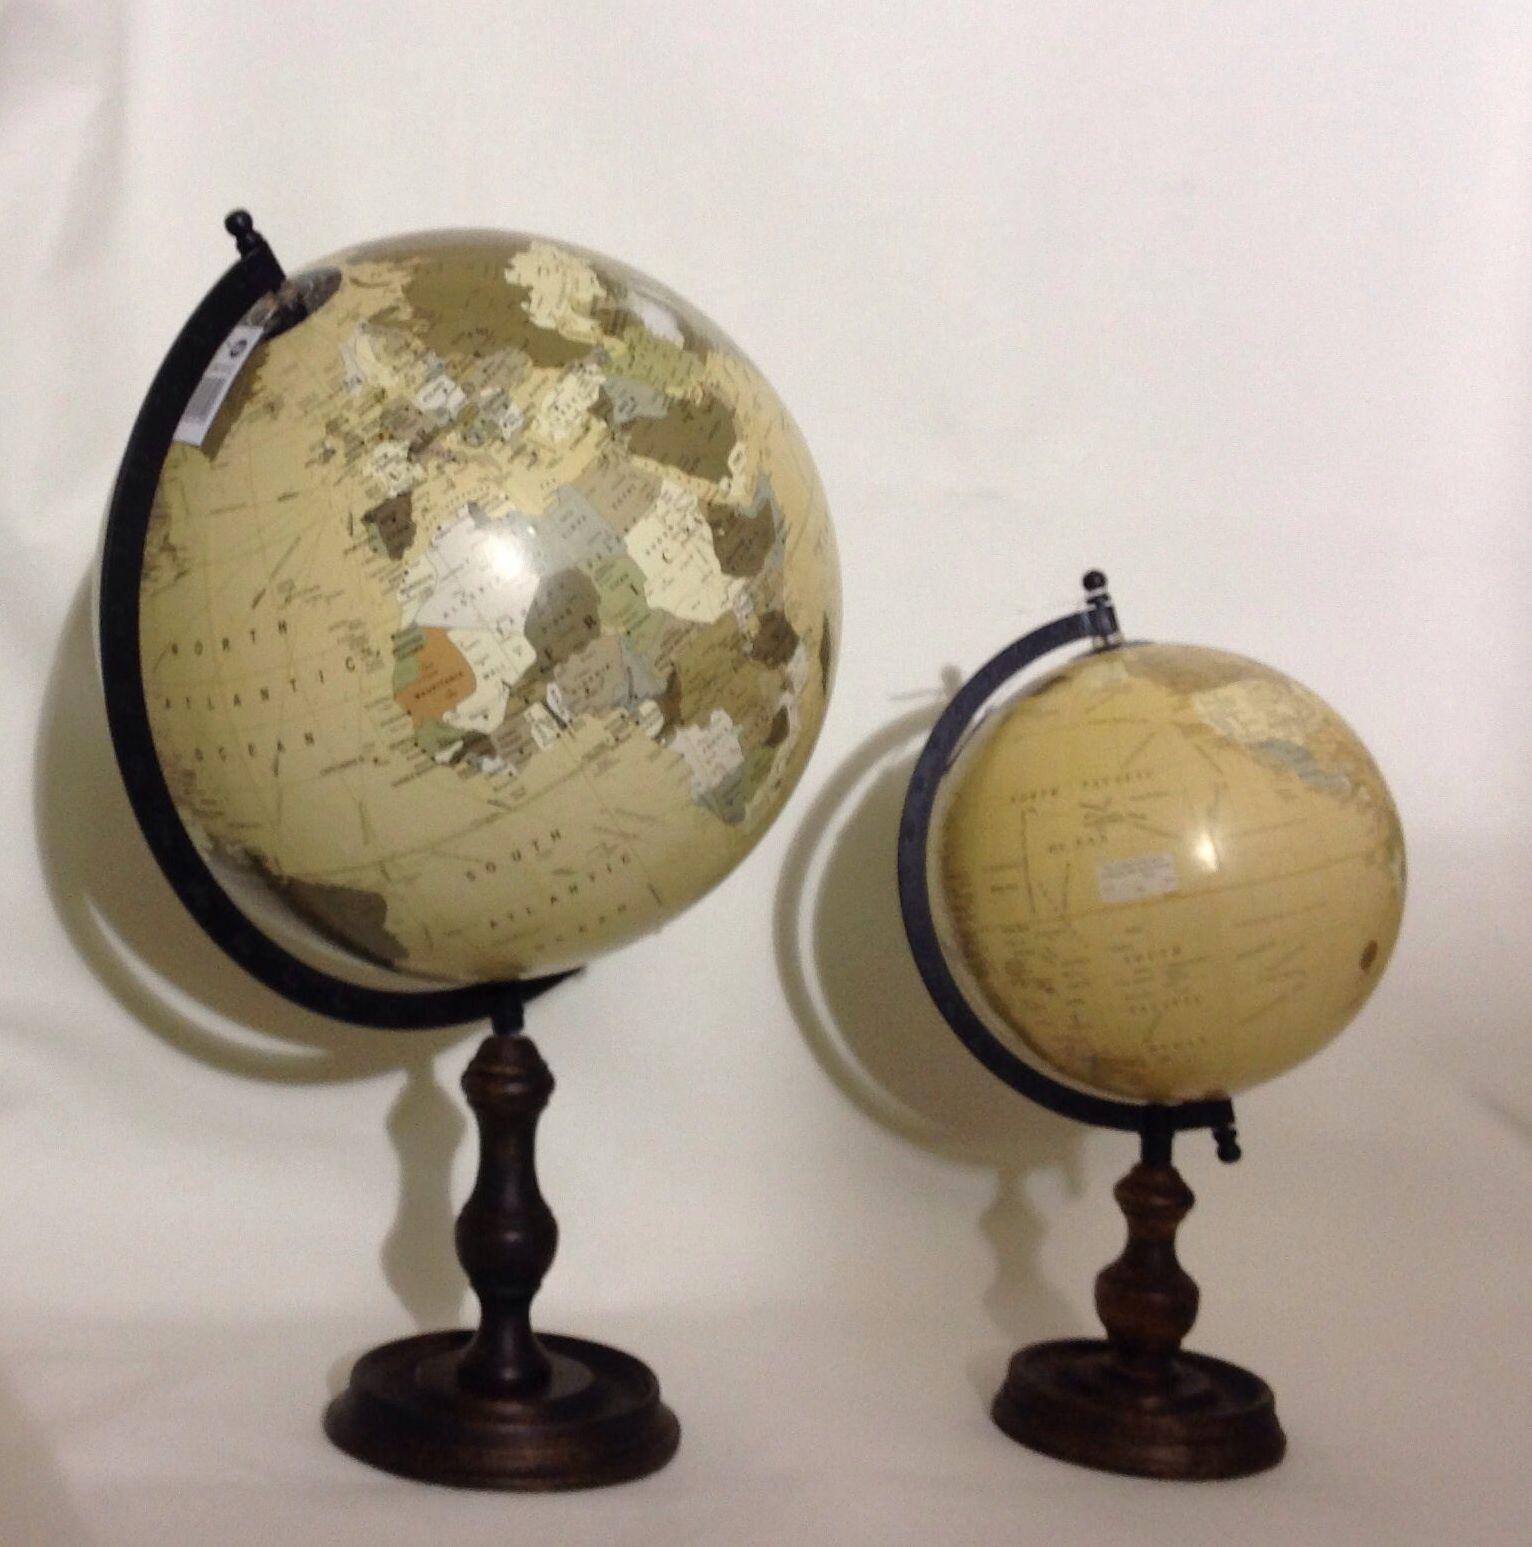 Decoraci n bolas del mundo con pie de madera cat logo de ste odile decoraci n - Bola del mundo decoracion ...